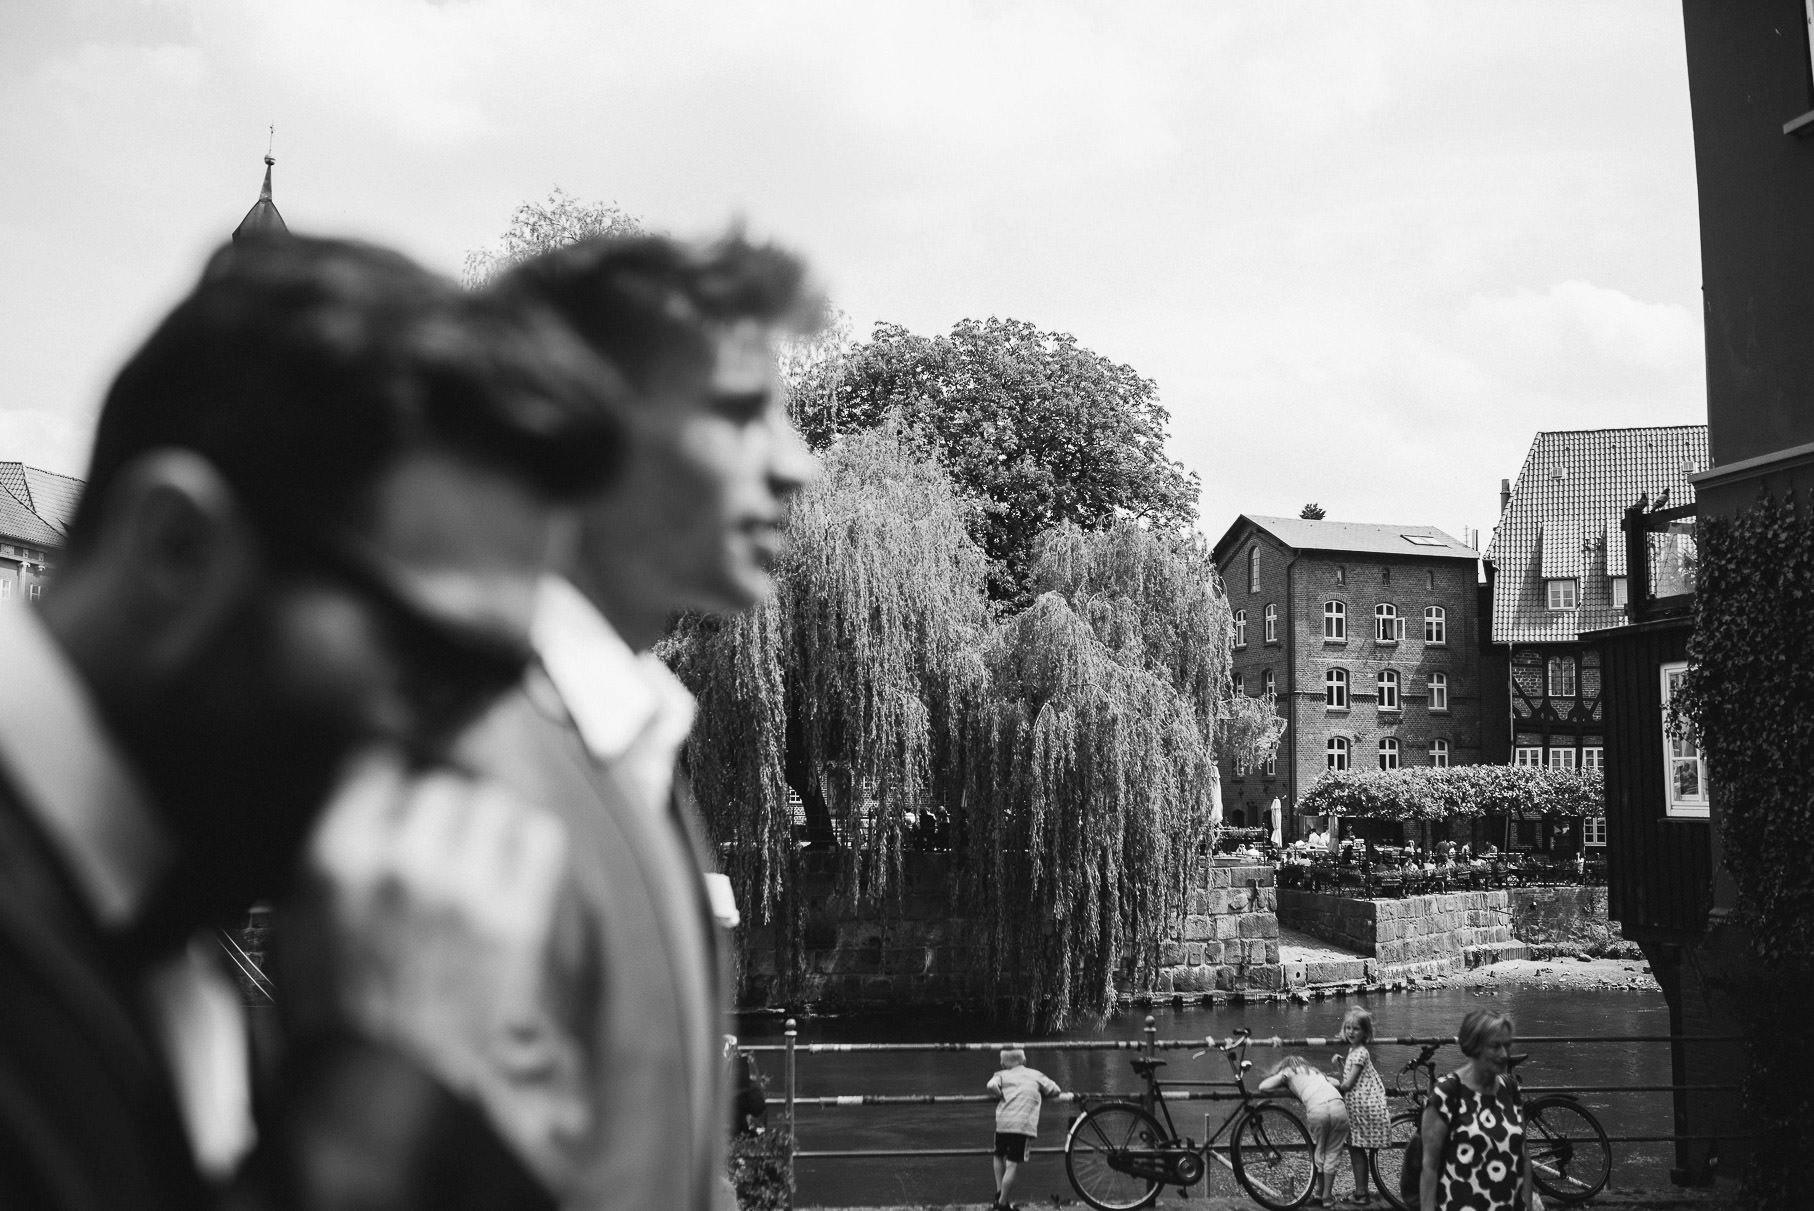 0016 jus 811 9255 - Hochzeit im Wasserturm Lüneburg - Jenny & Sascha